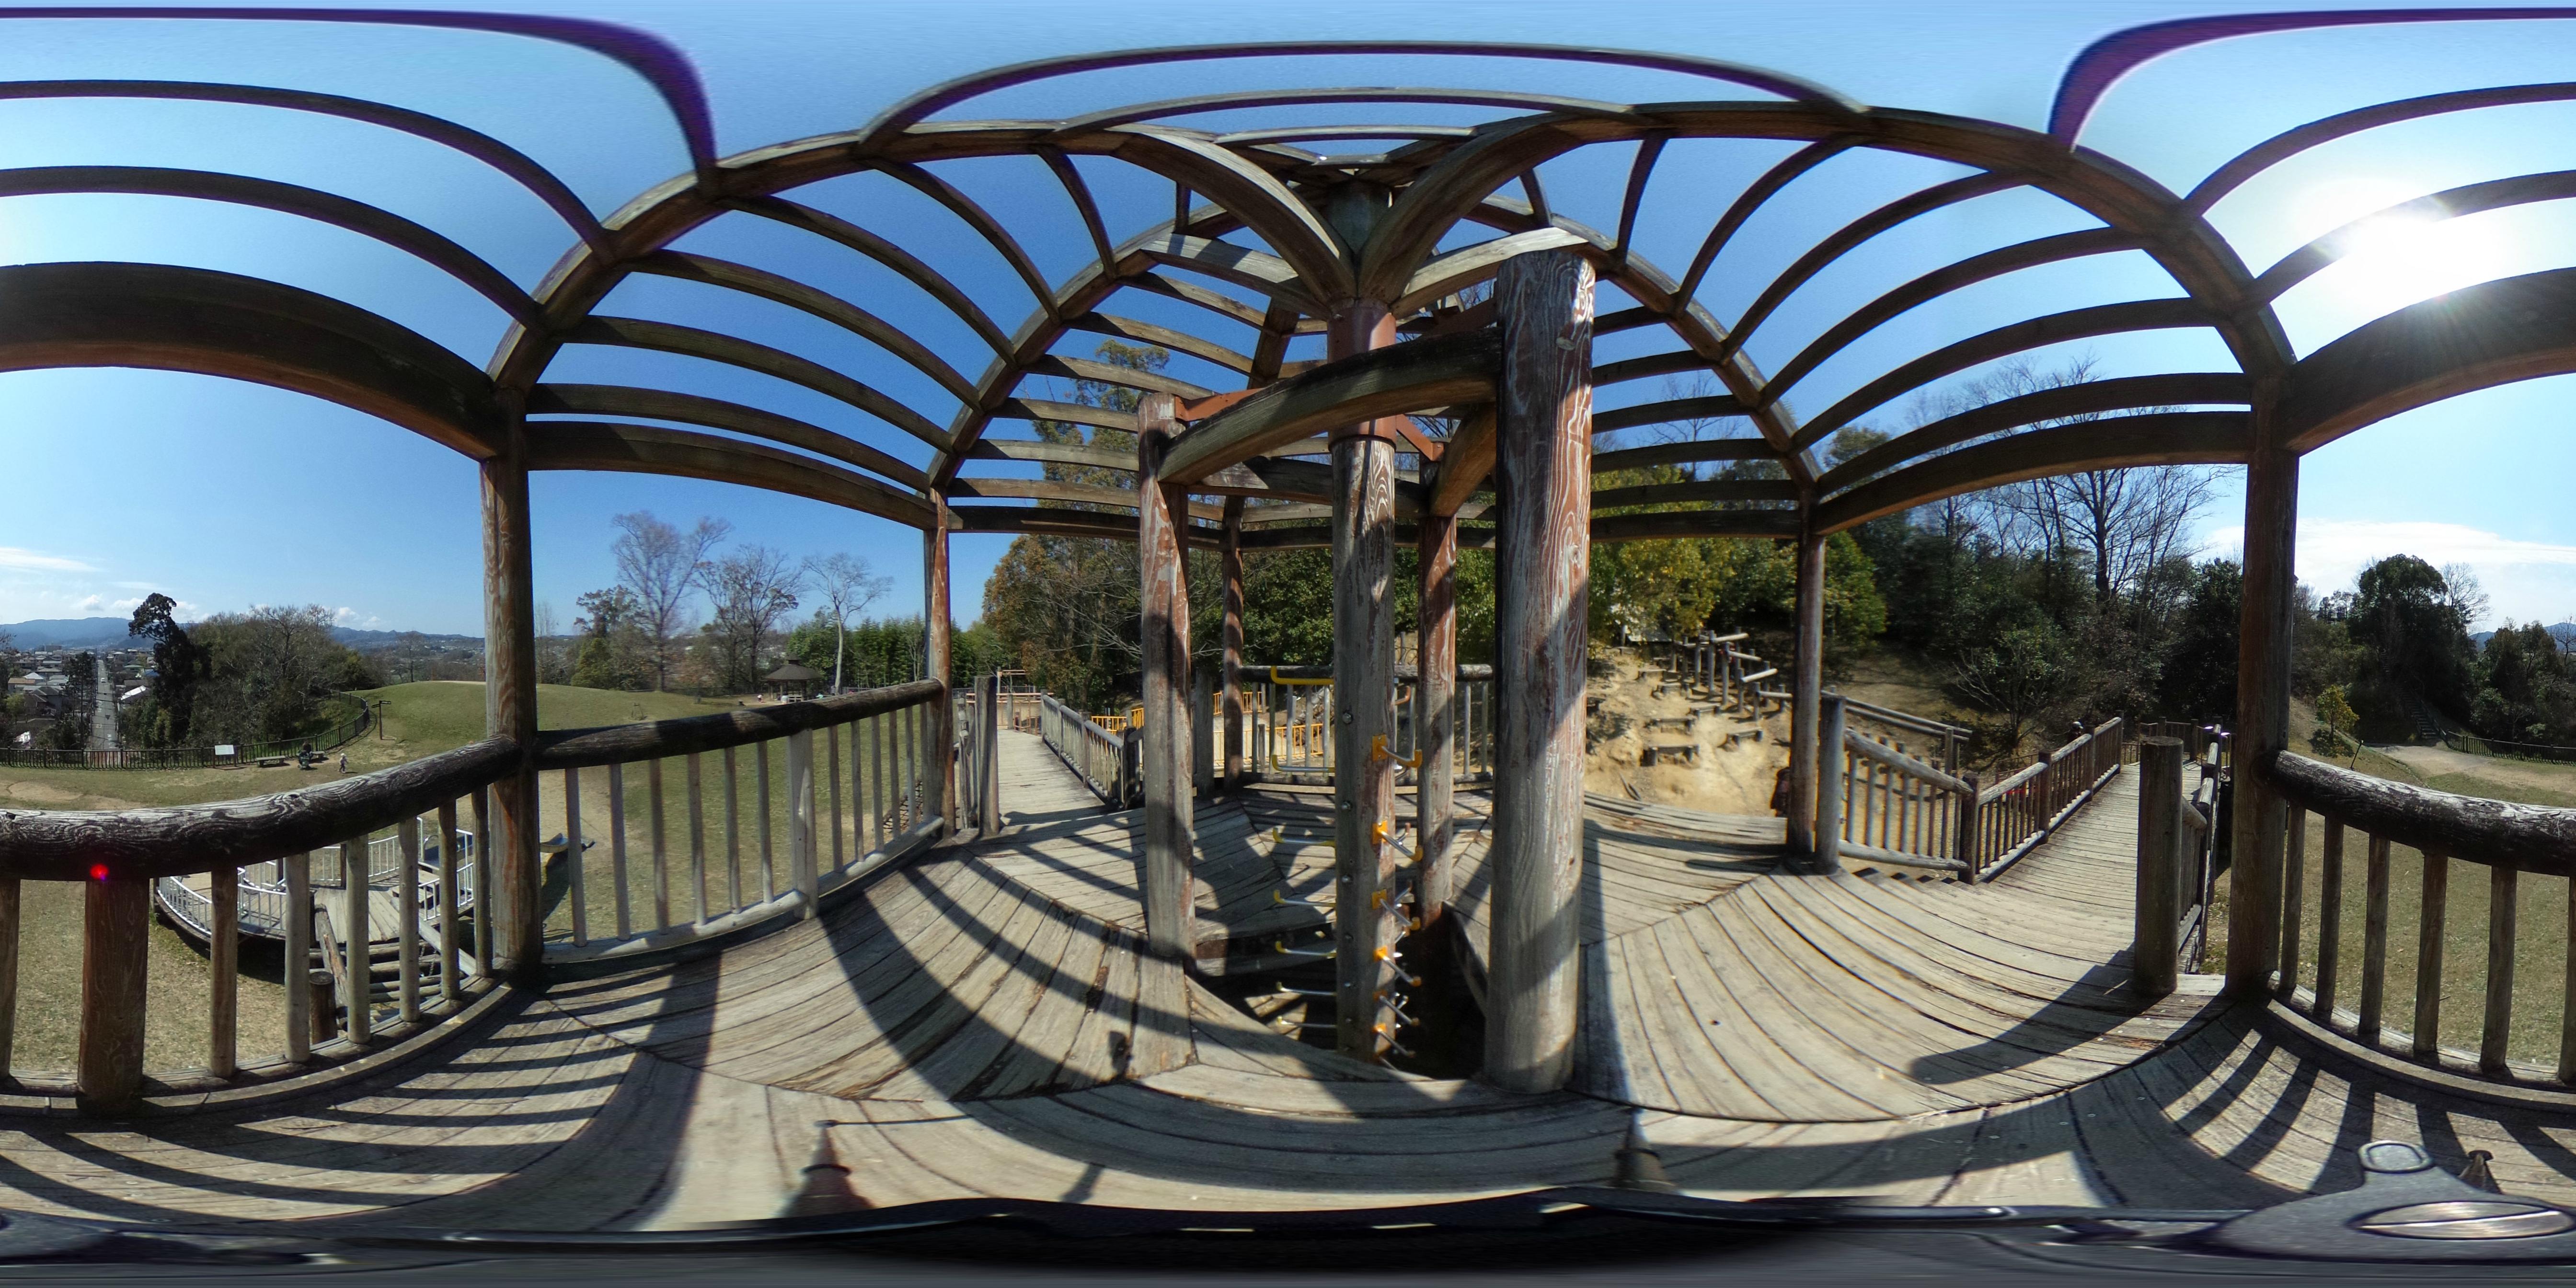 烏帽子形公園わんぱく広場のアスレチック遊具からの360度パノラマ画像